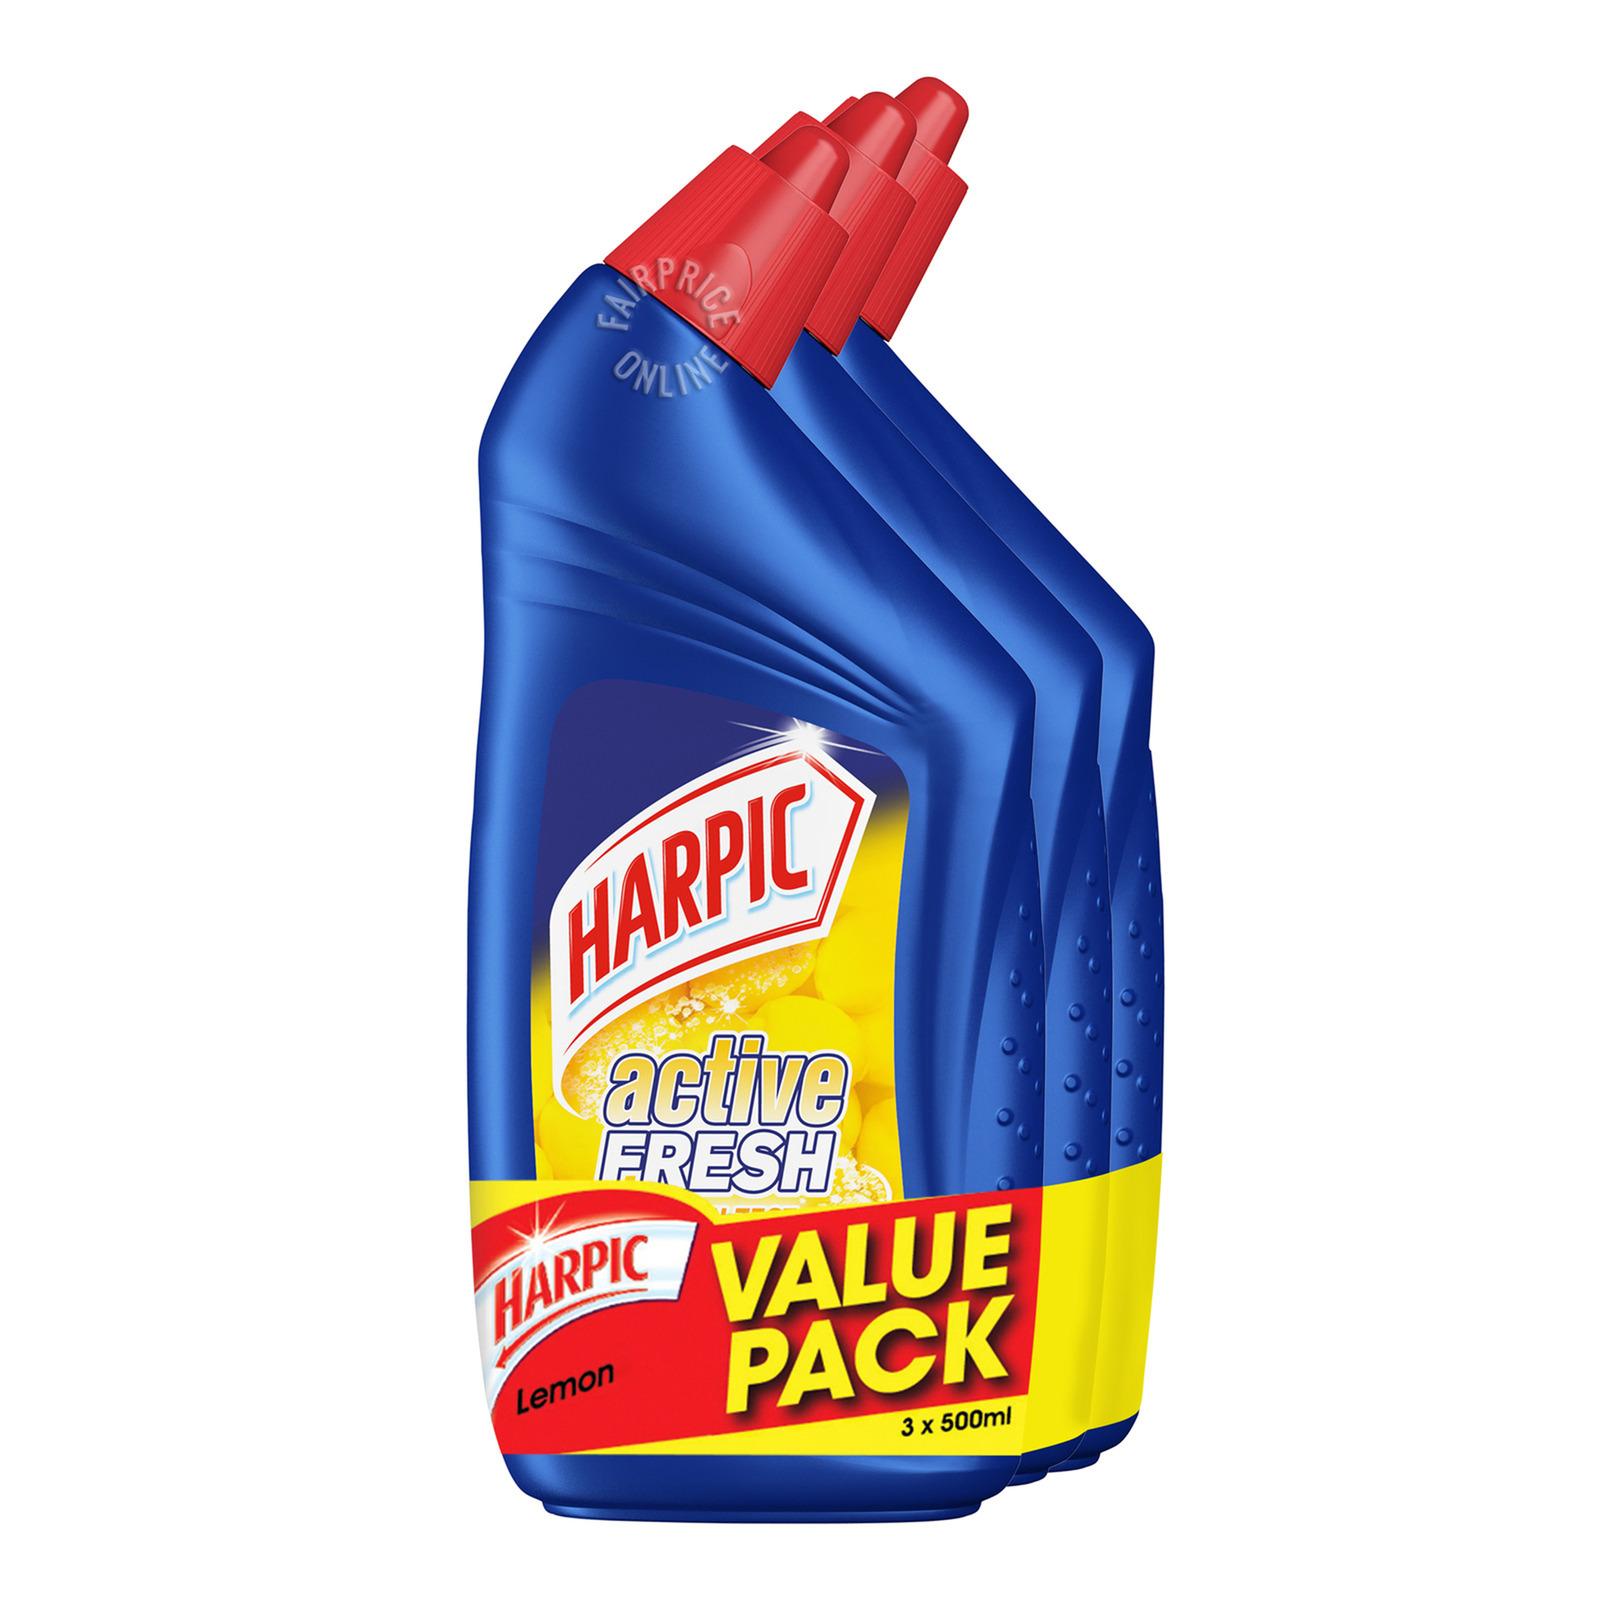 Harpic Toilet Cleaner Gel - Lemon Zest